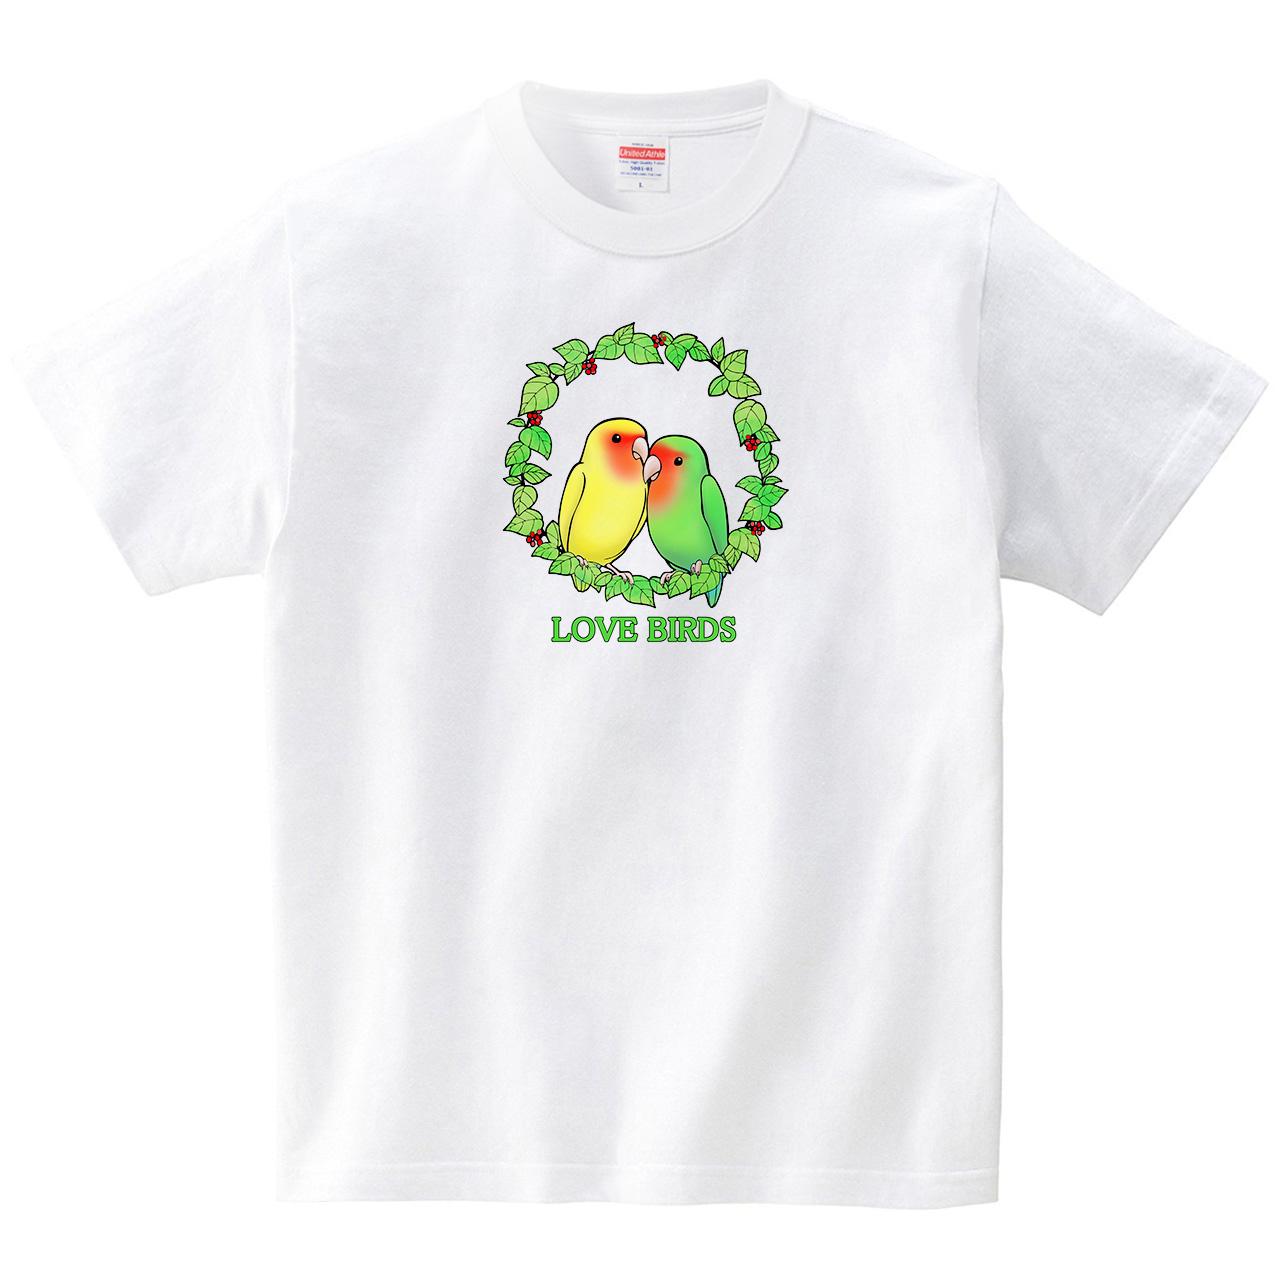 LOVE BIRDS(Tシャツ・ホワイト)(ヒカル)